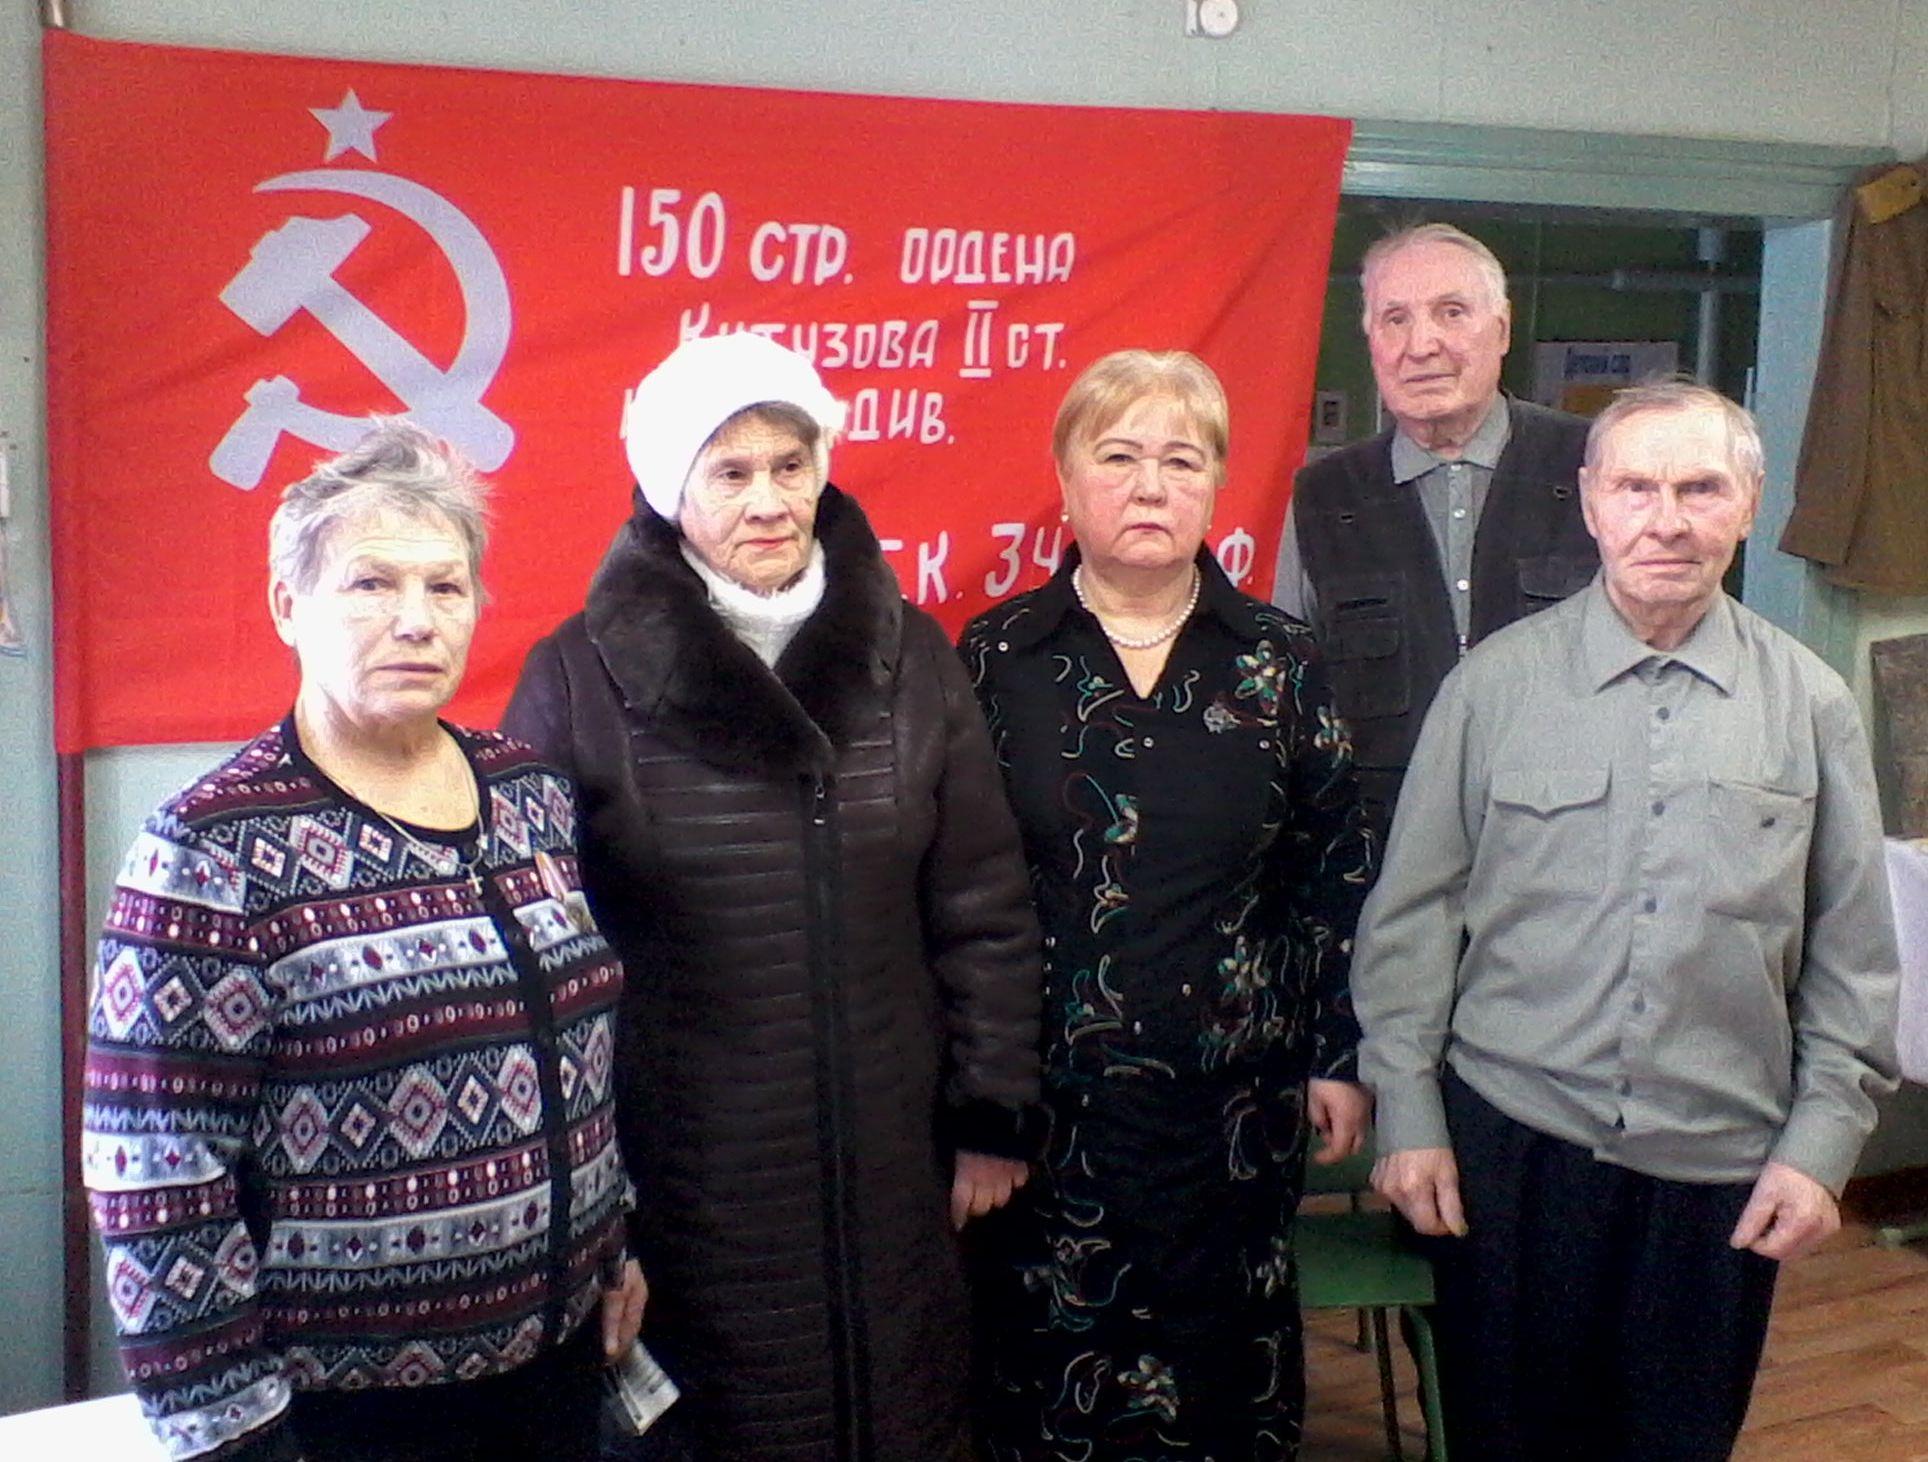 Воспитание гражданственности и патриотизма — главная задача коммунистов.